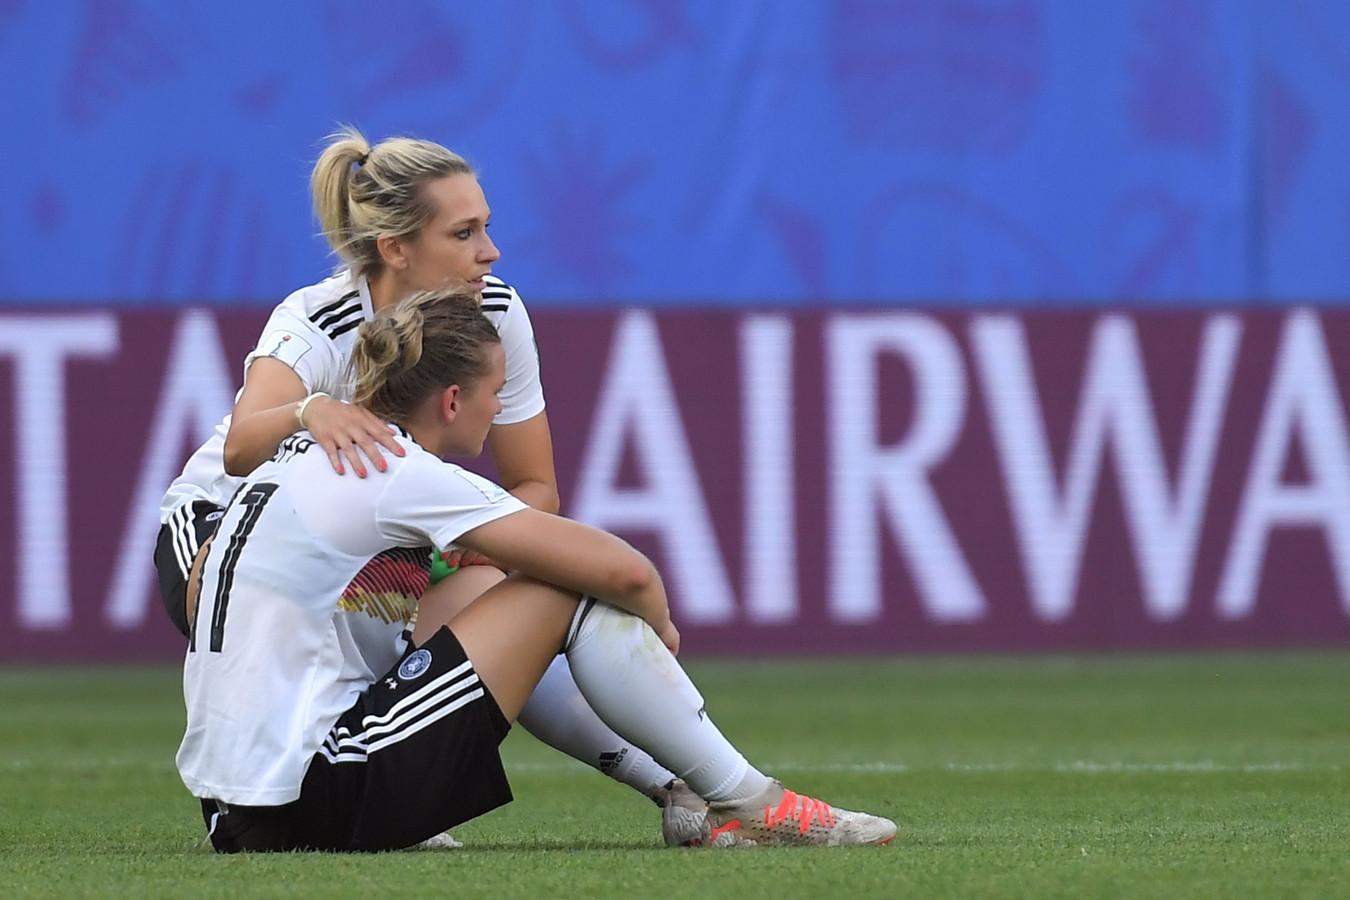 Teleurstelling bij Duitsland. De tweevoudig wereldkampioen ligt uit het toernooi.